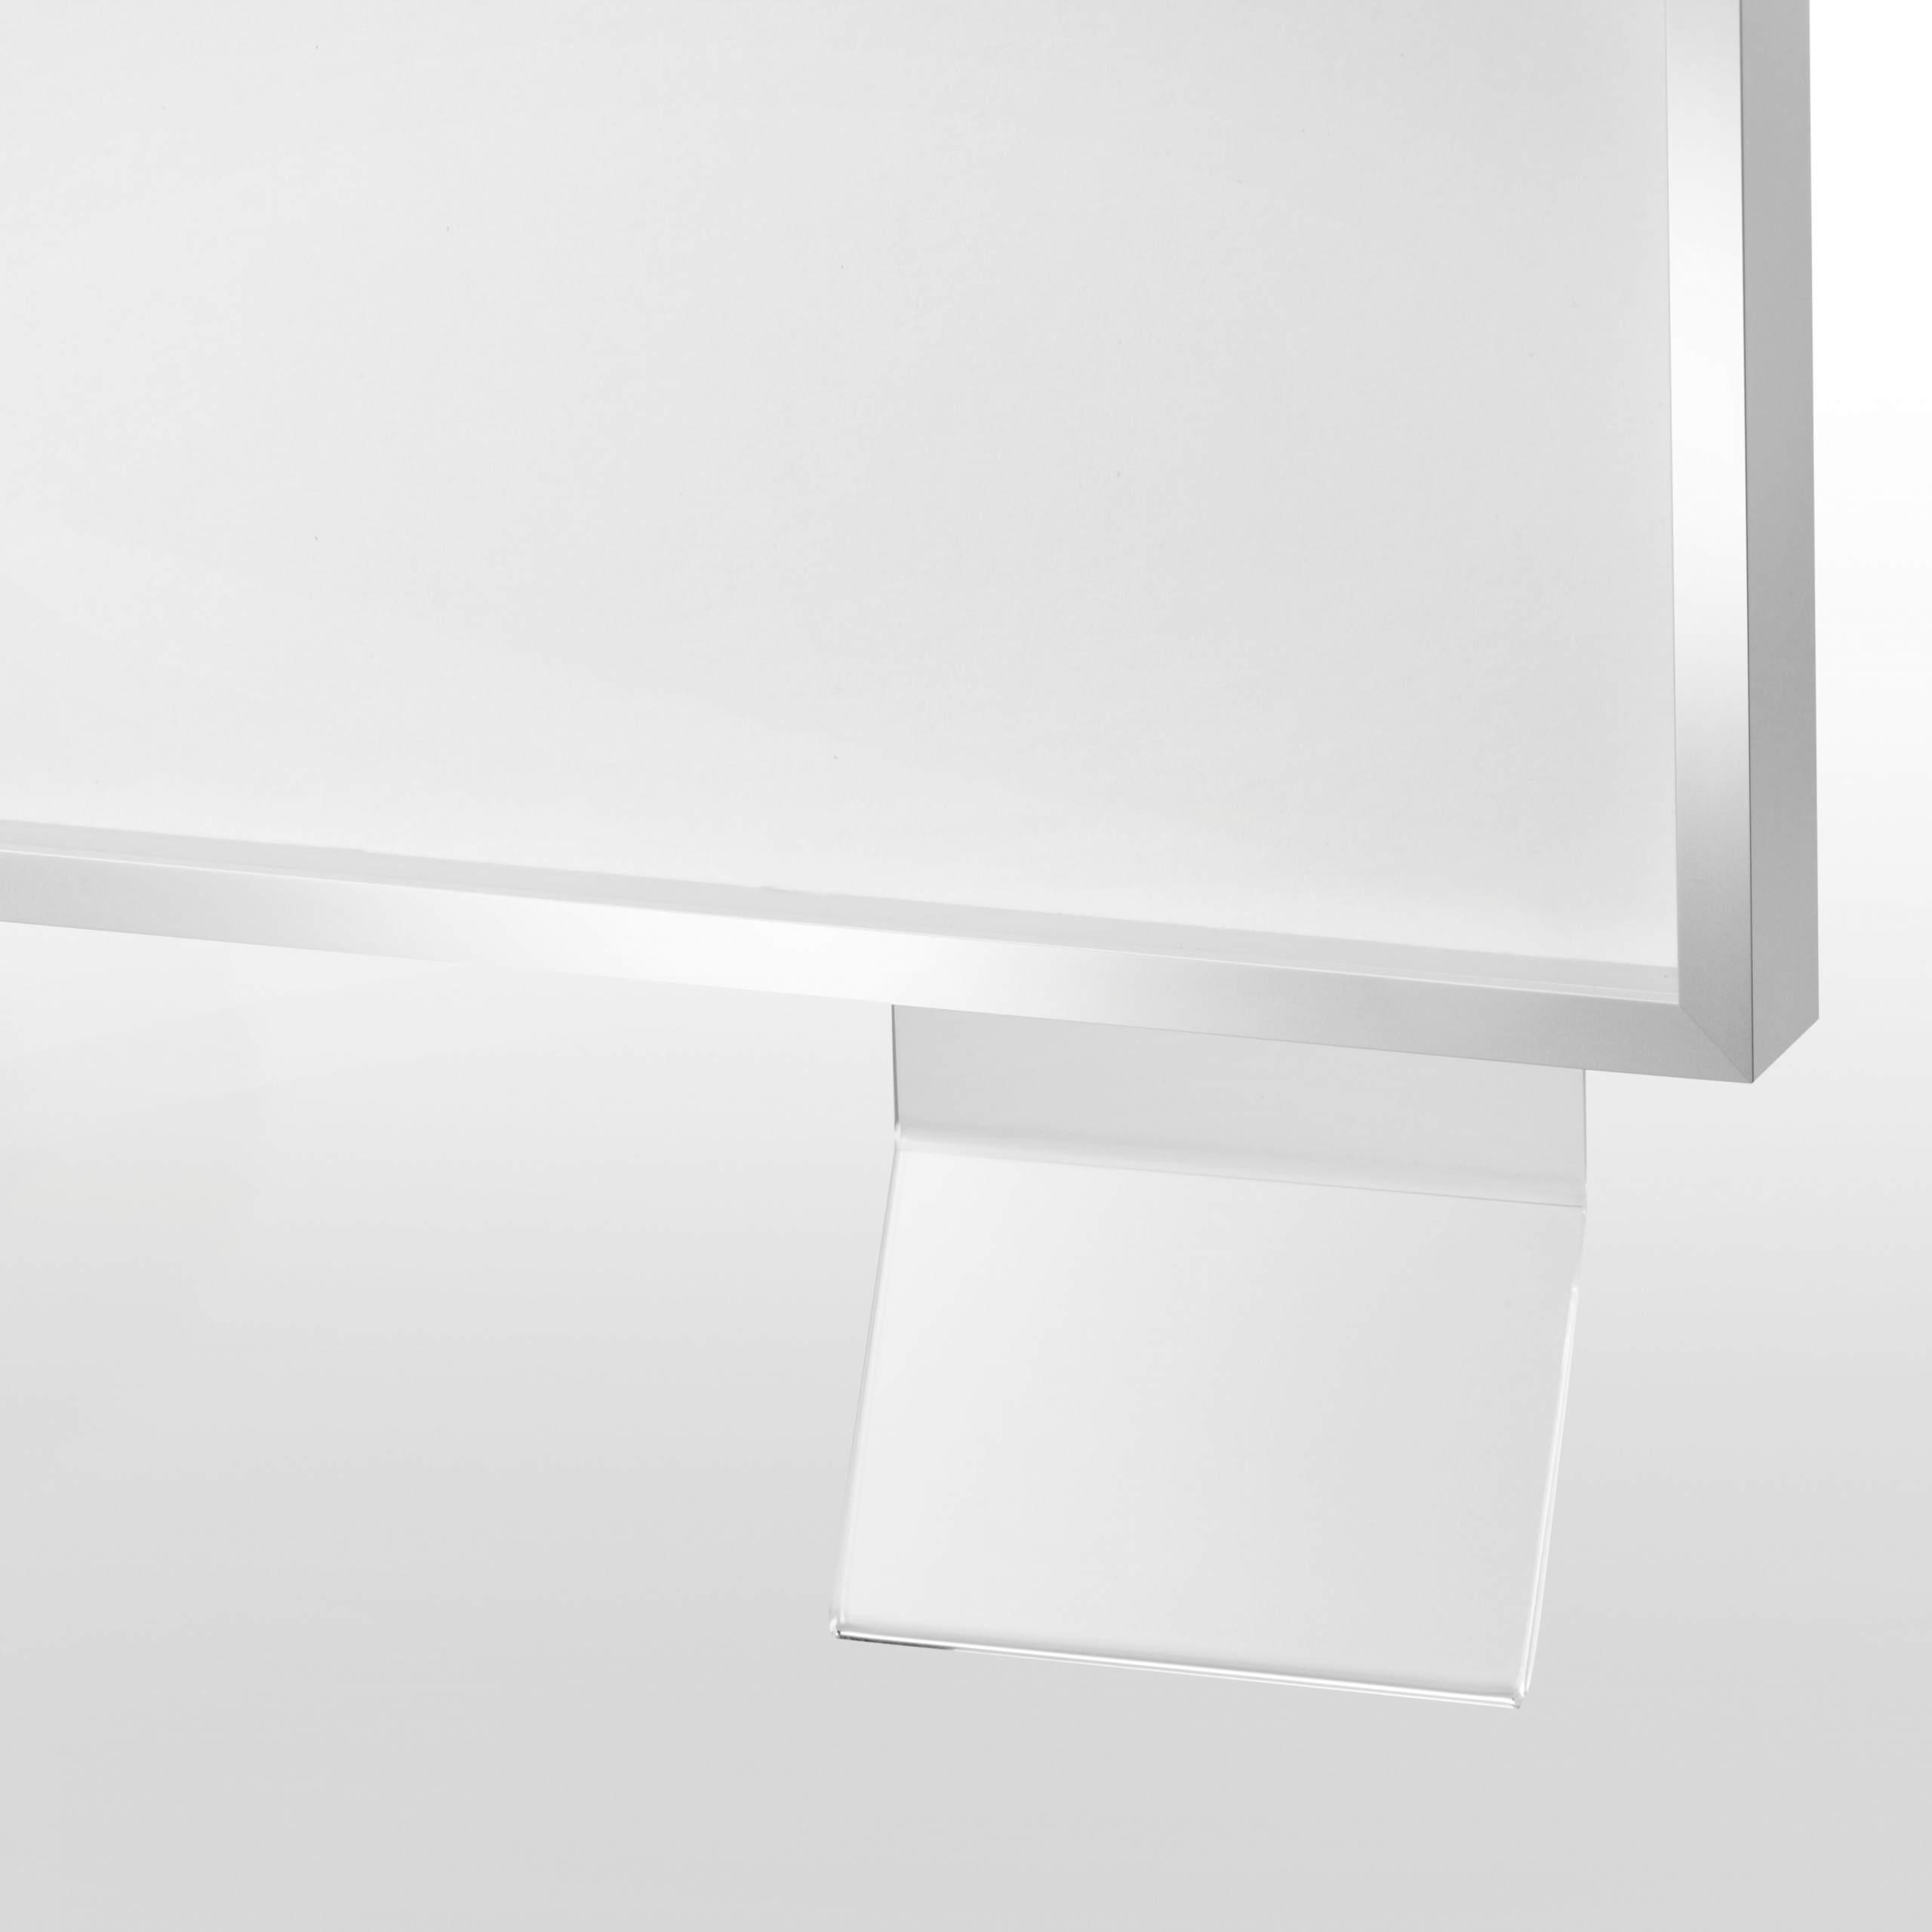 Halter für Titelkarte, aus Acryl, kantenpoliert | Ausstellung ...